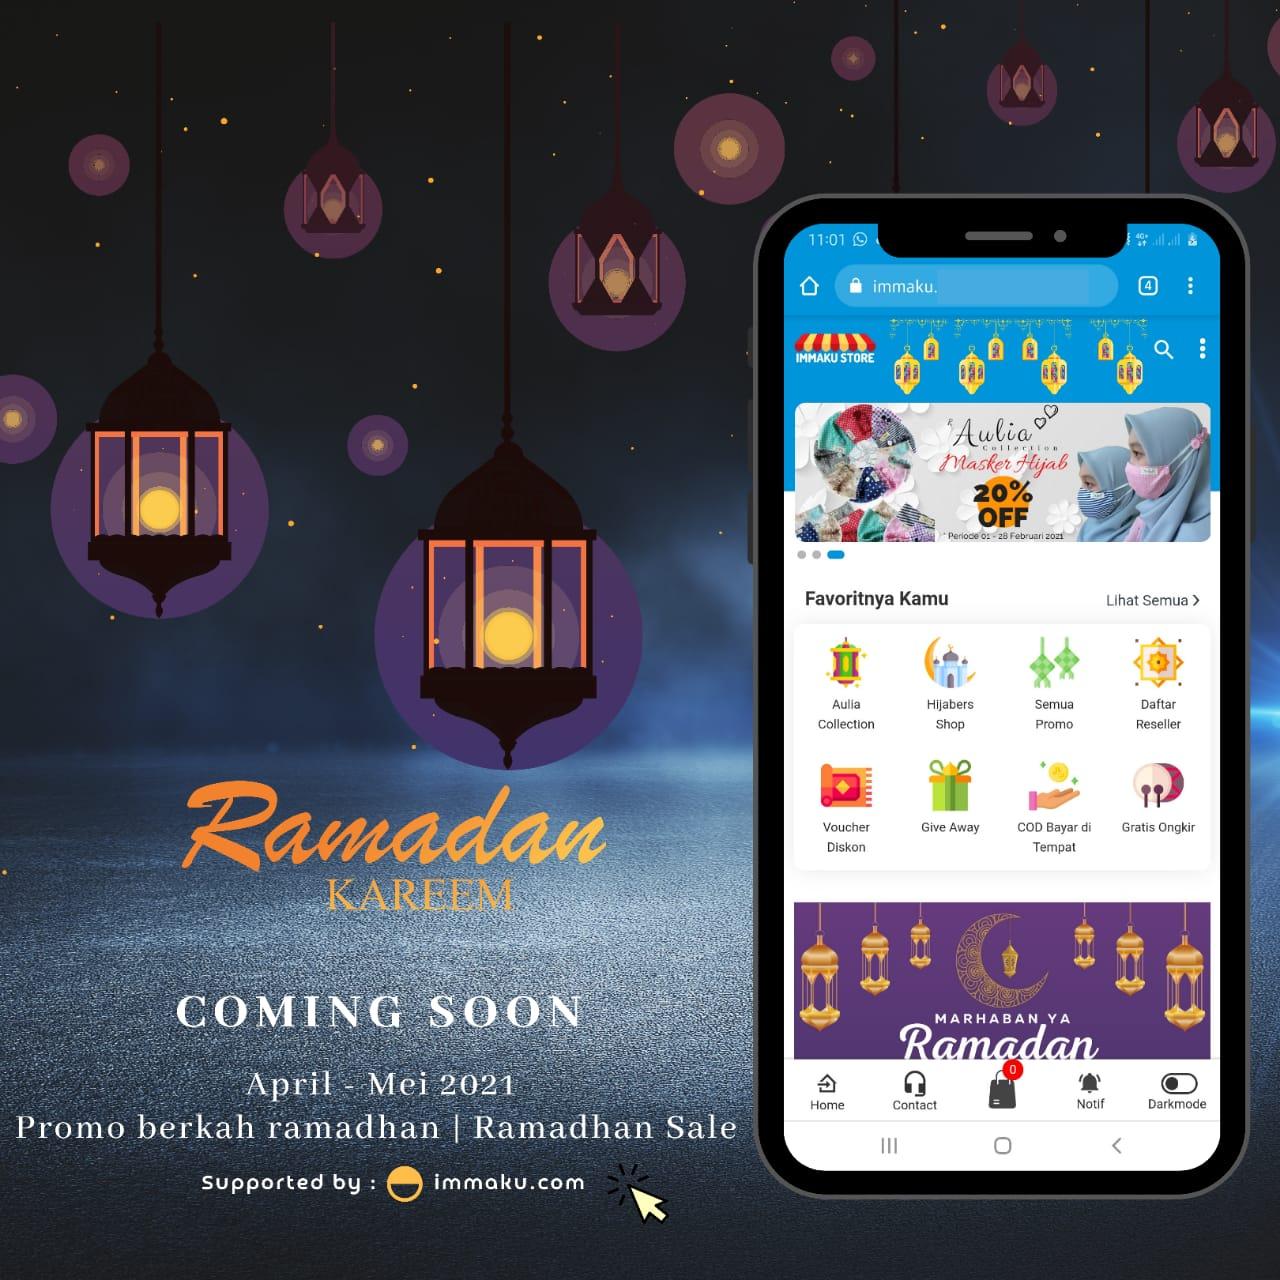 Banner Promo Berkah Ramadhan